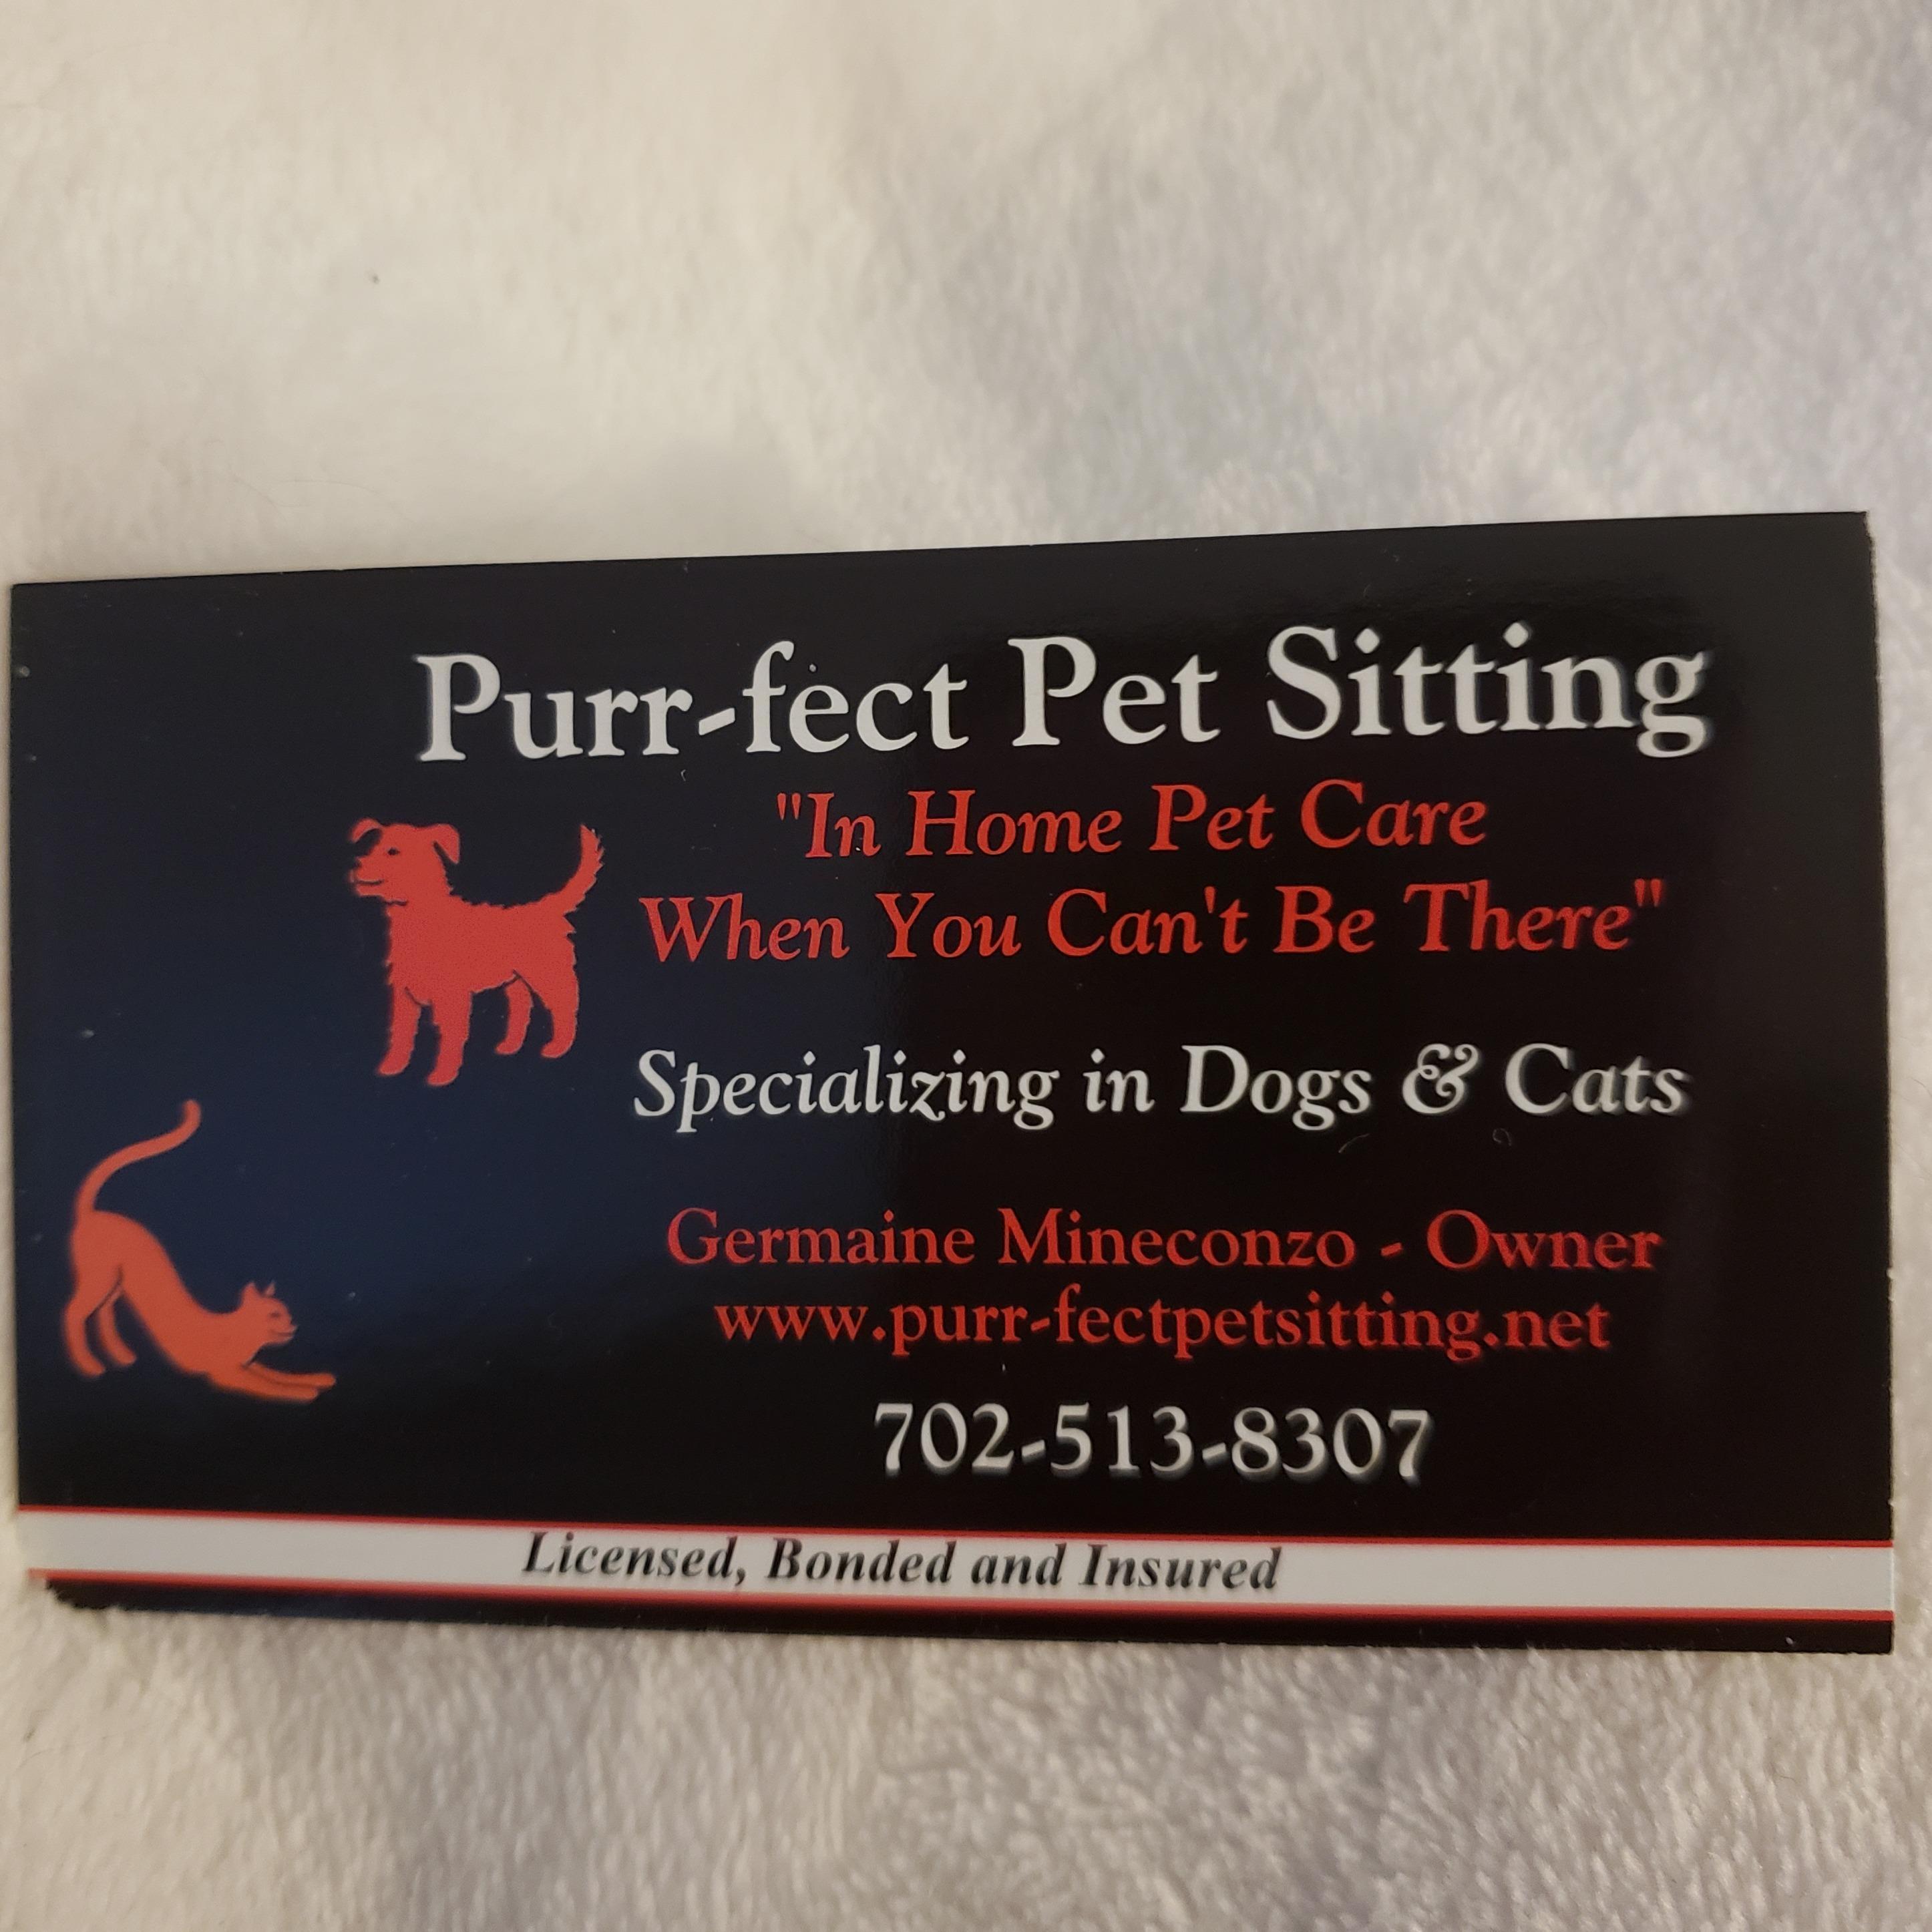 Purr-fect Pet Sitting